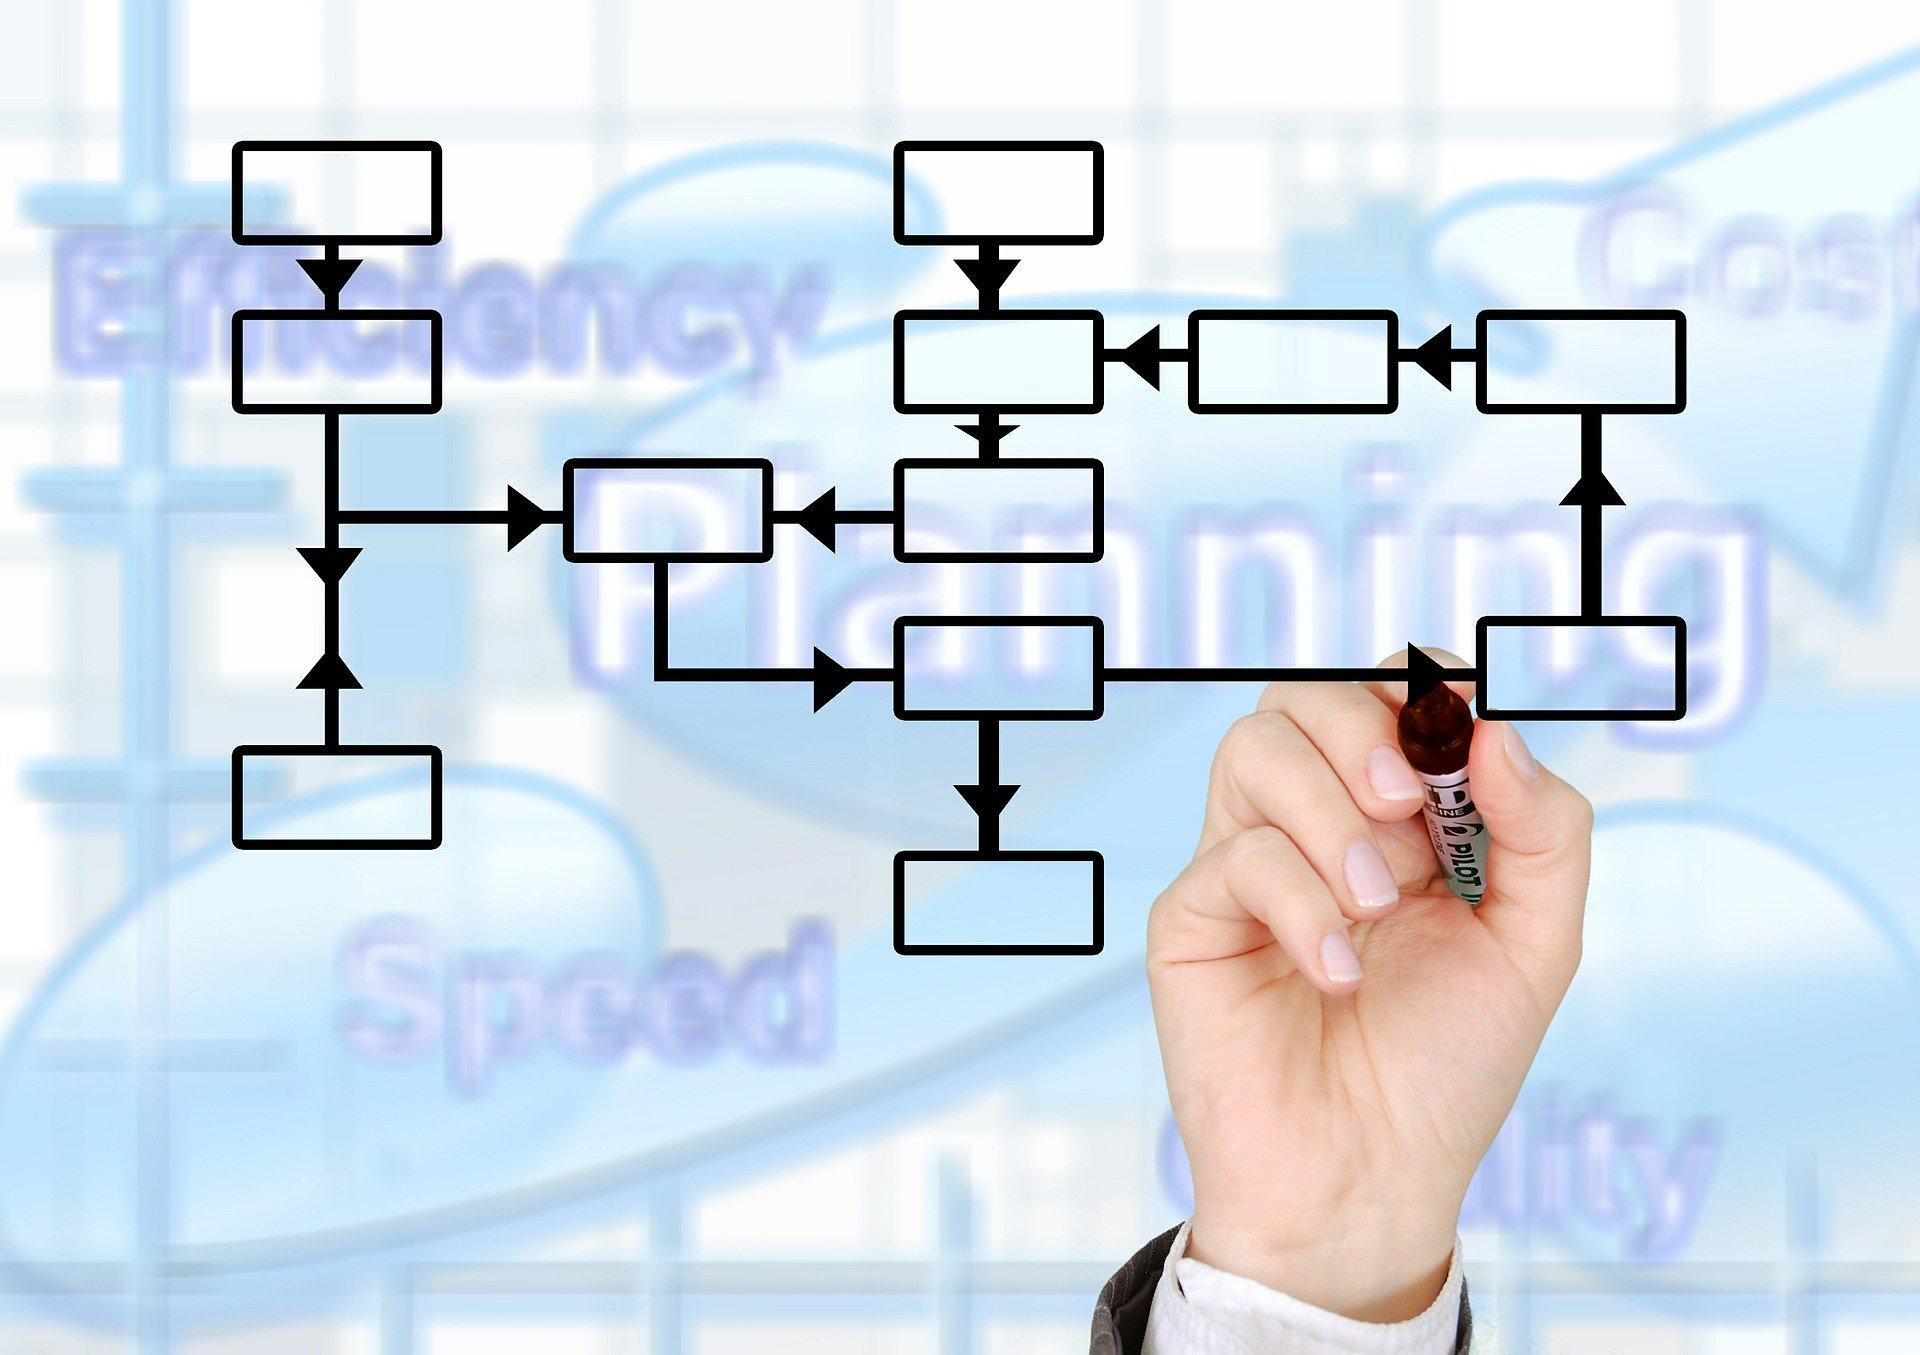 Wdrożenie ERP – fakty i mity Ingenes Data Studio system ERP, modelowanie procesów biznesowych, elektroniczny obieg dokumentów